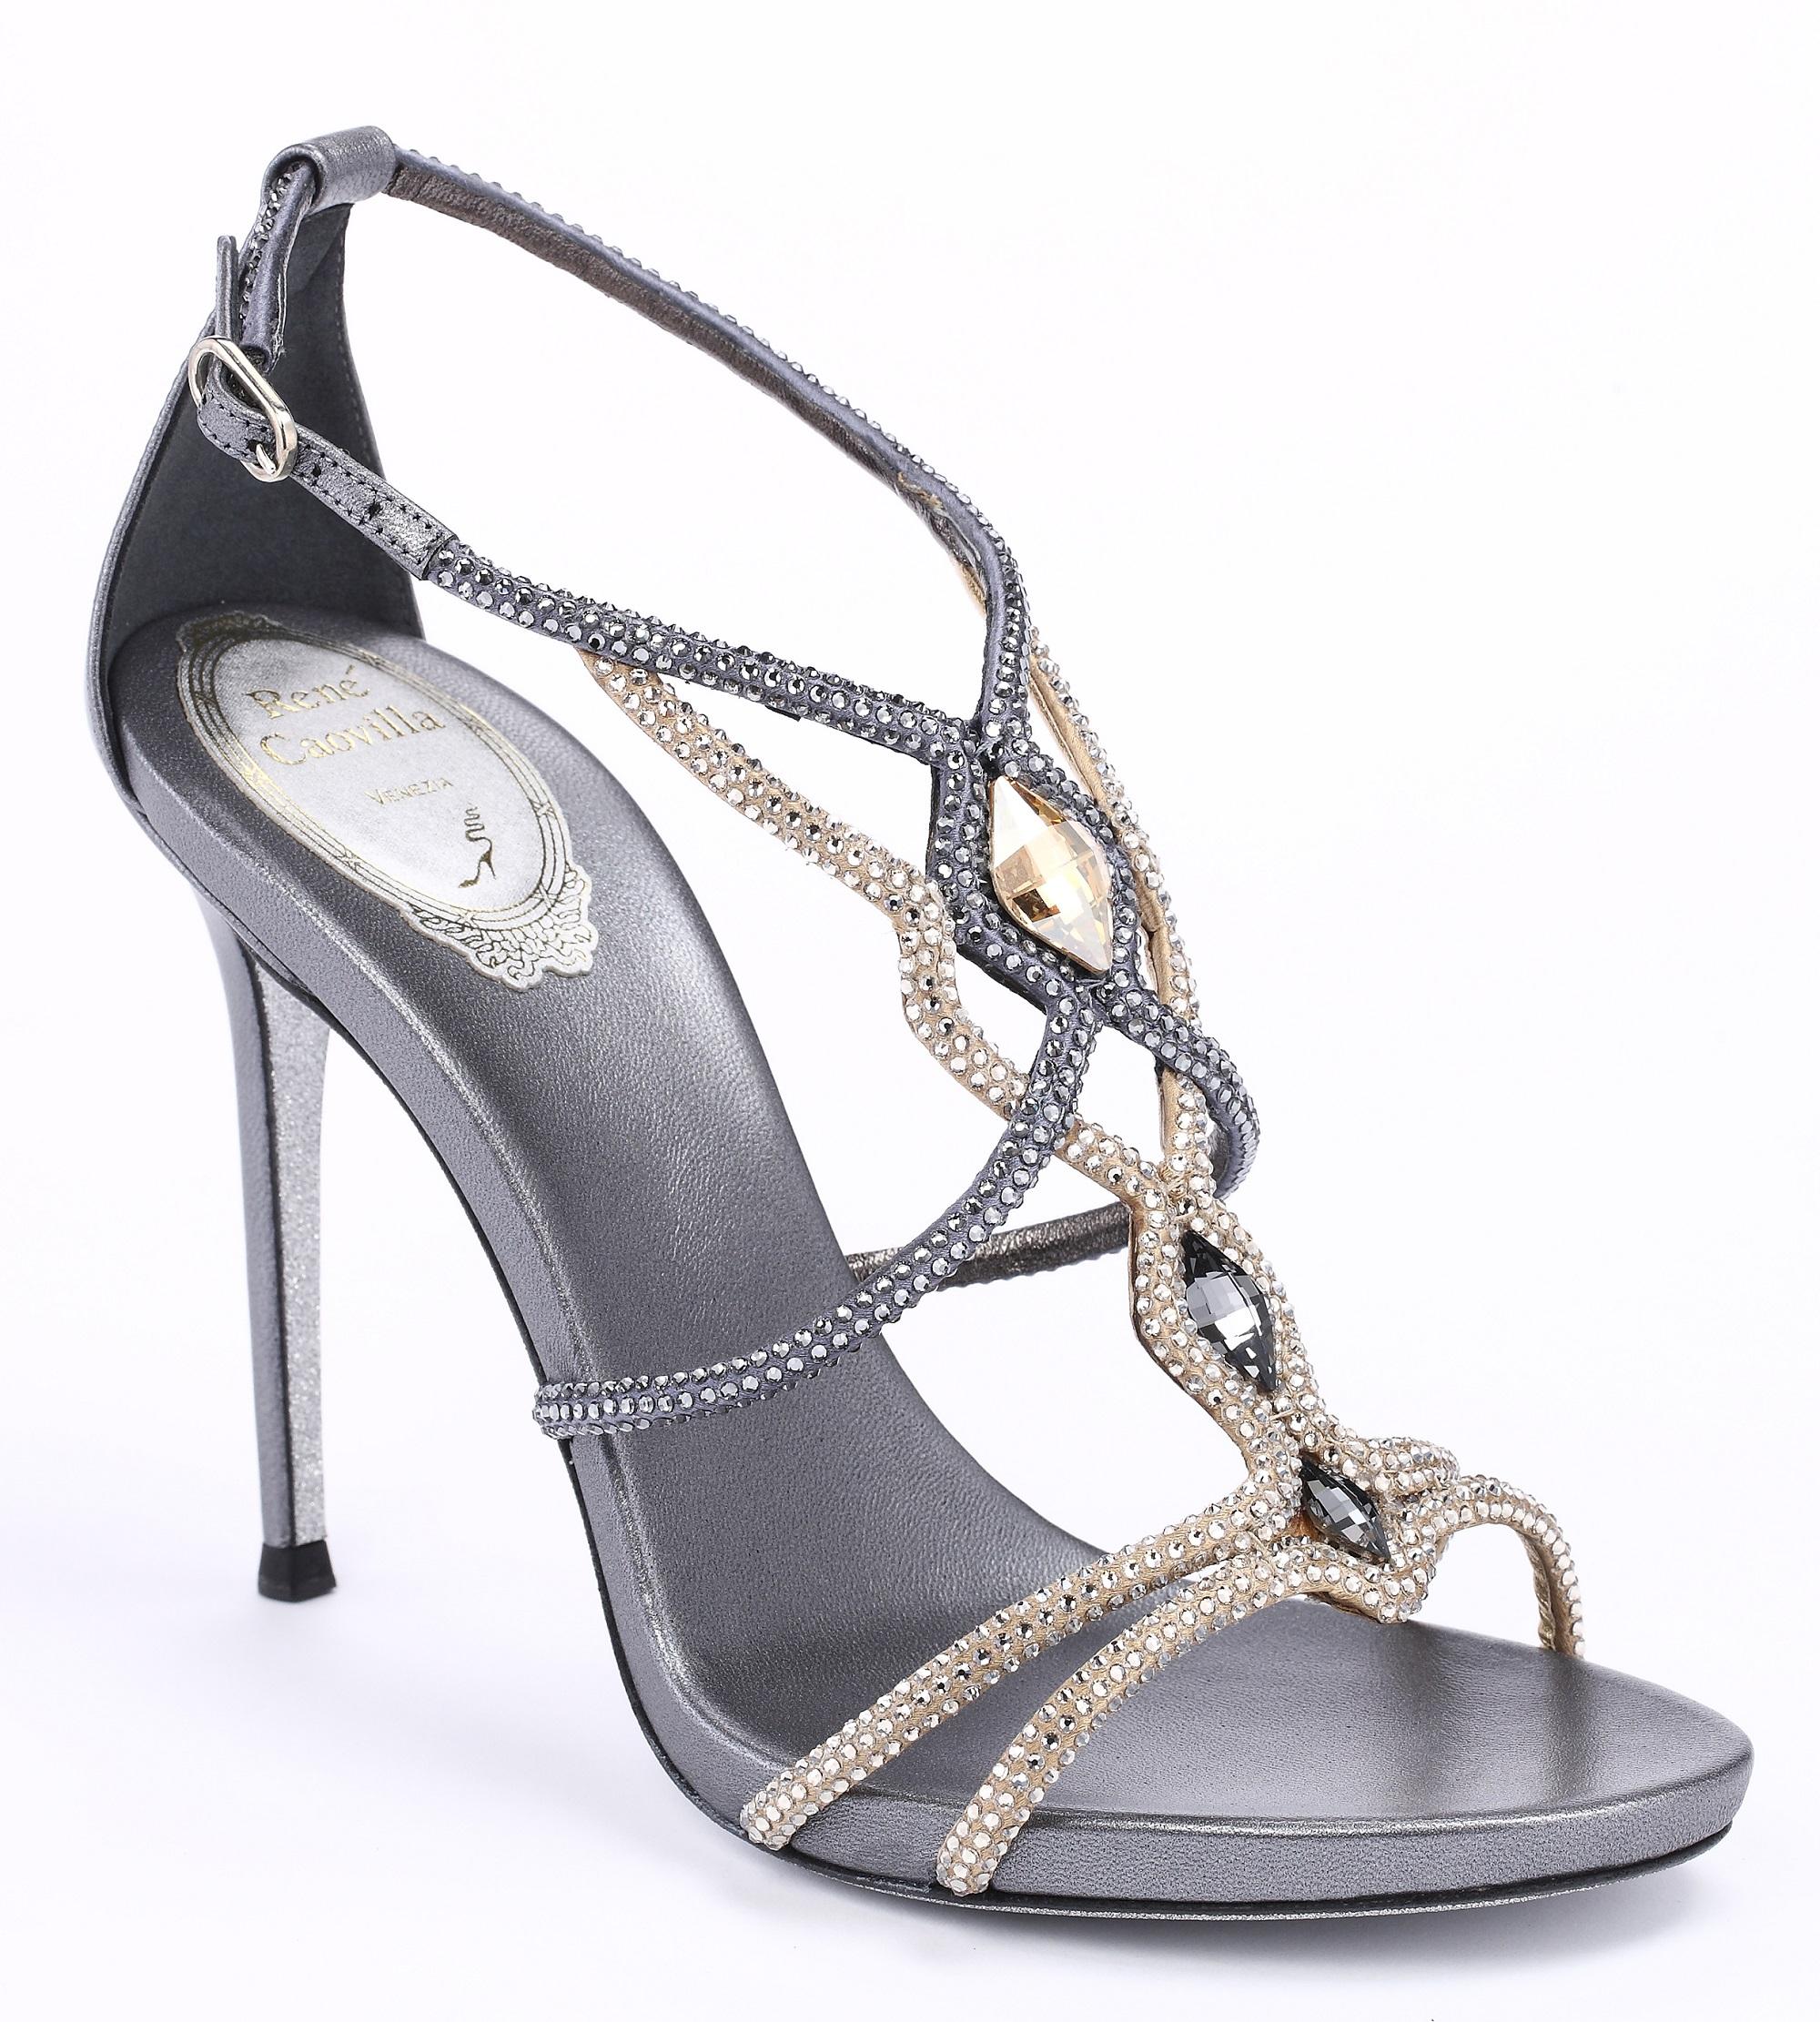 灰金交叉水晶高跟涼鞋 NT$58,000